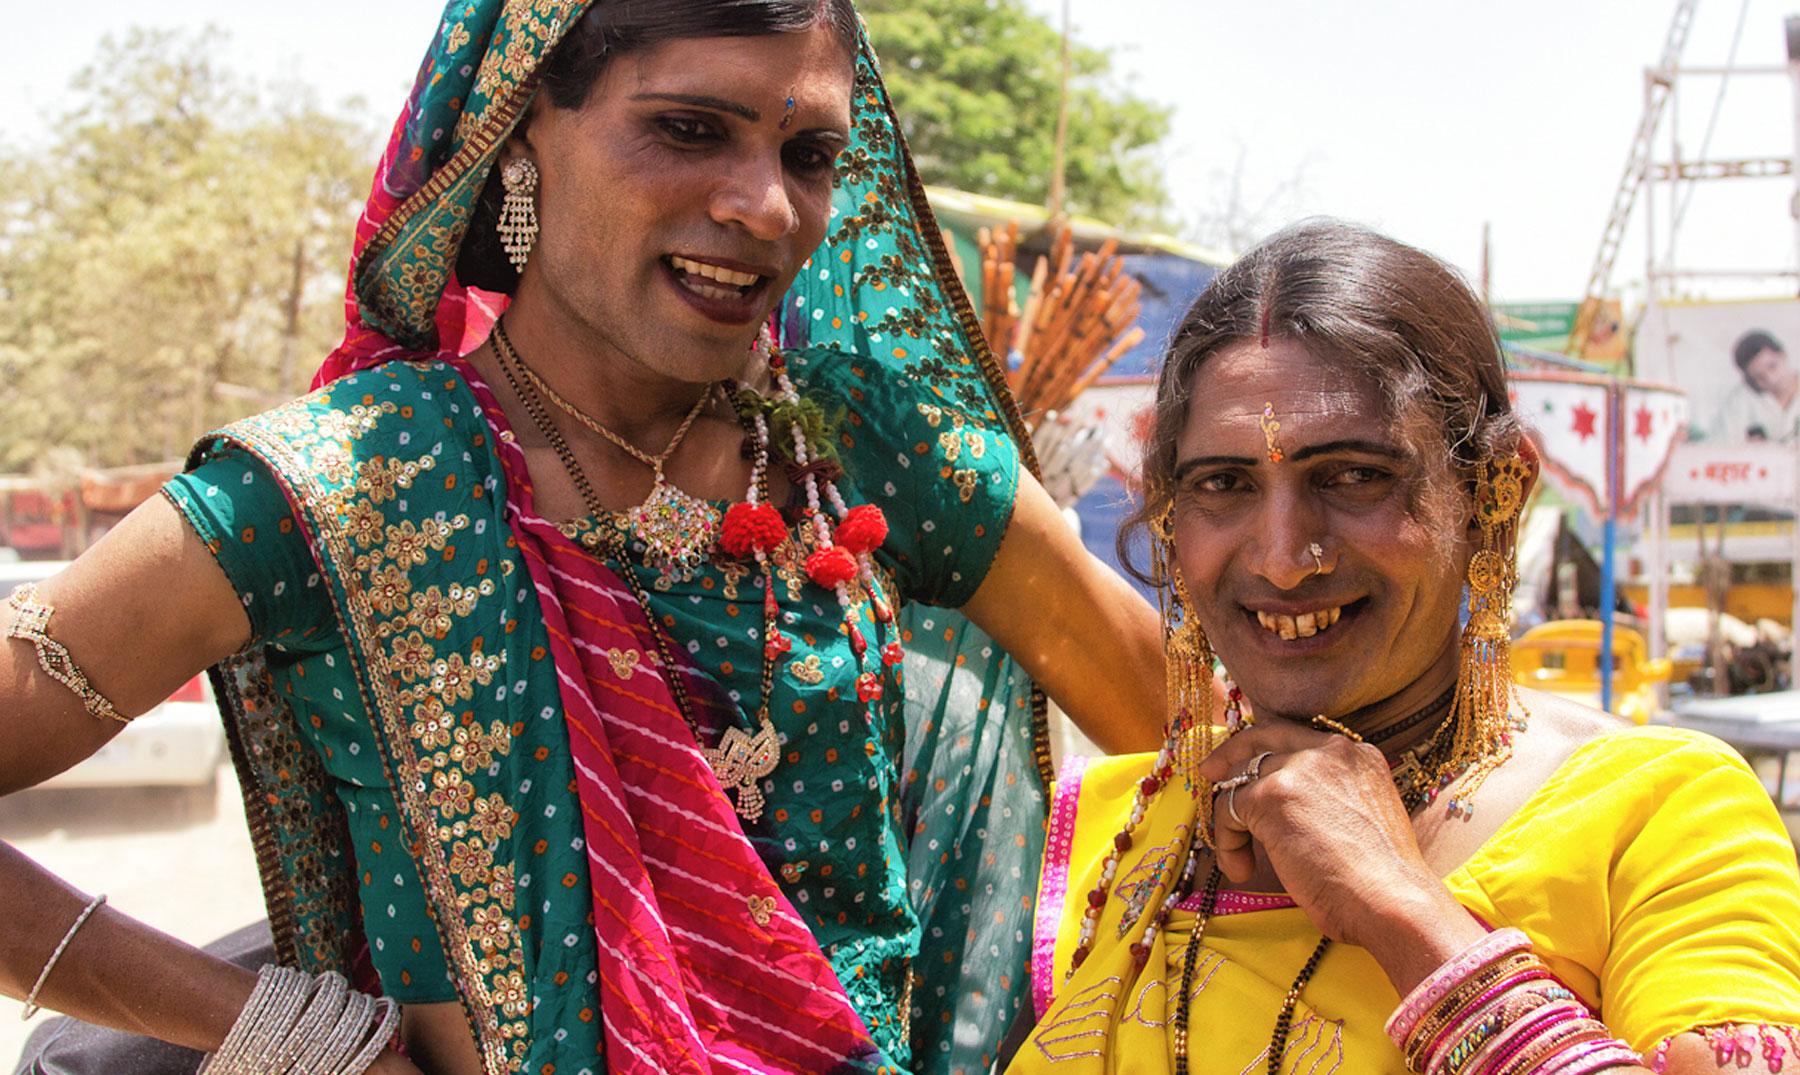 El templo de los transexuales de la India